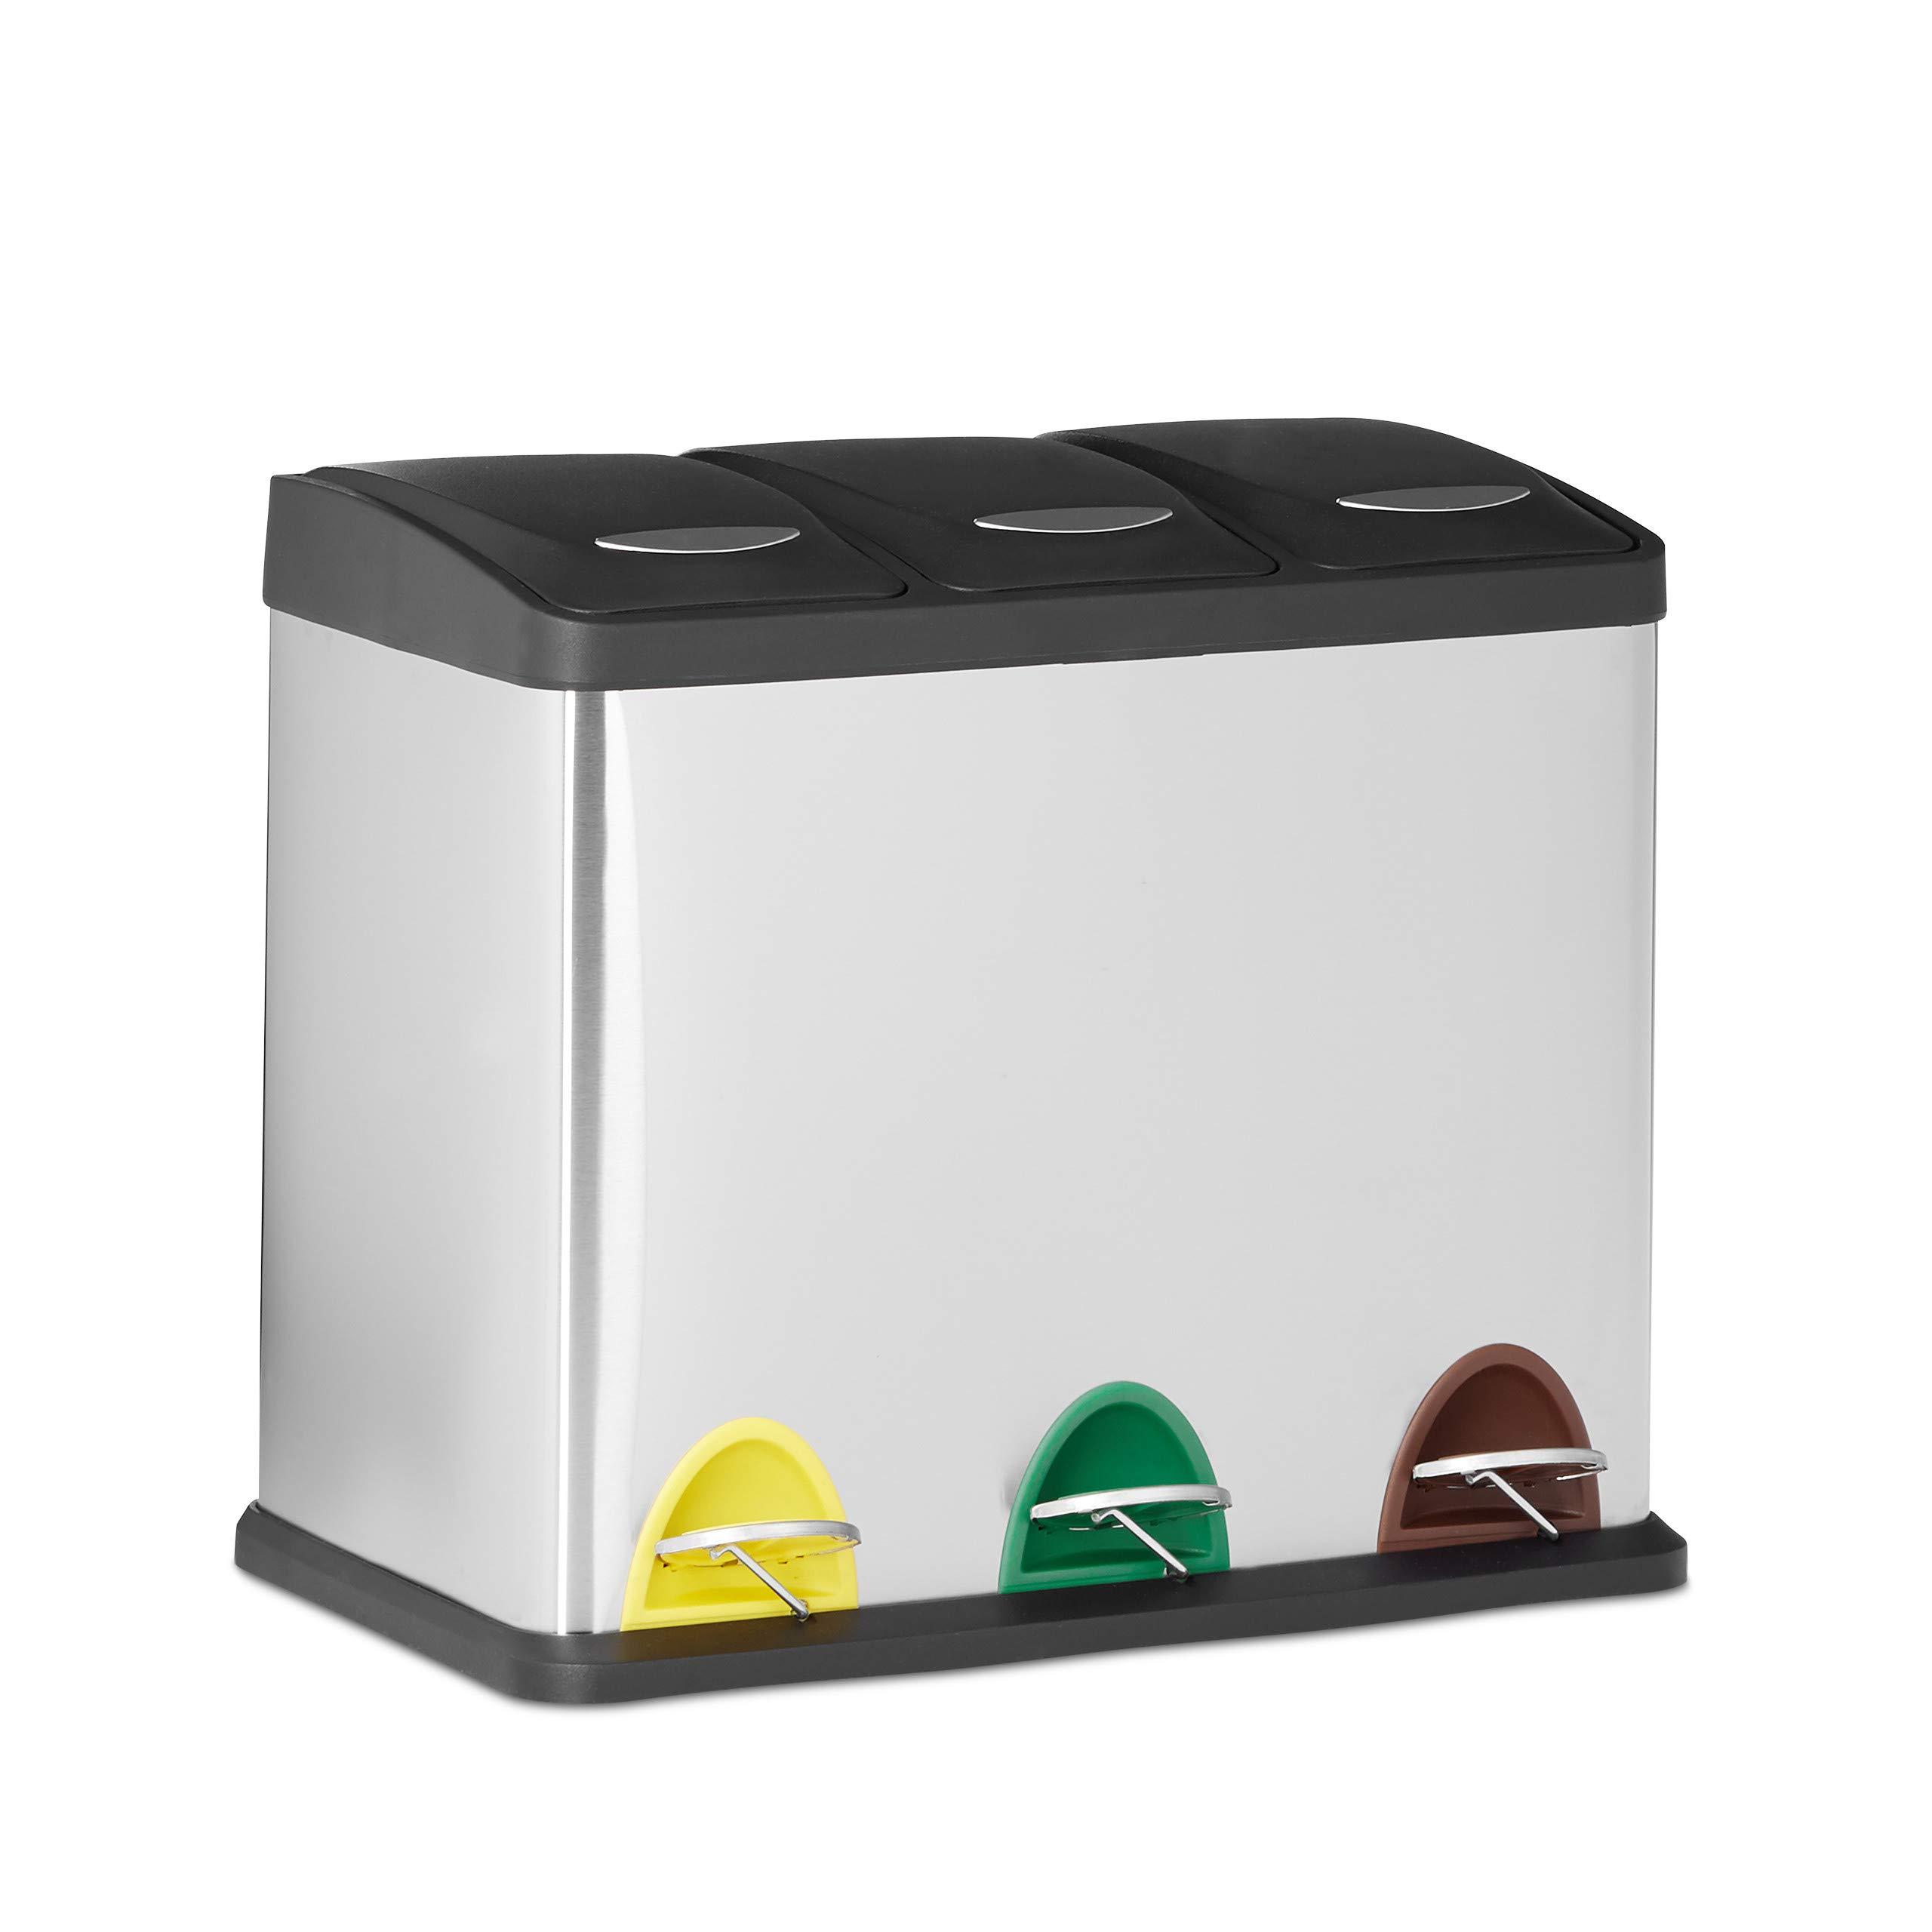 Relaxdays Cubo de Basura Reciclaje con 3 Compartimentos, Acero Inoxidable, Plateado, 40 x 48 x 28 cm